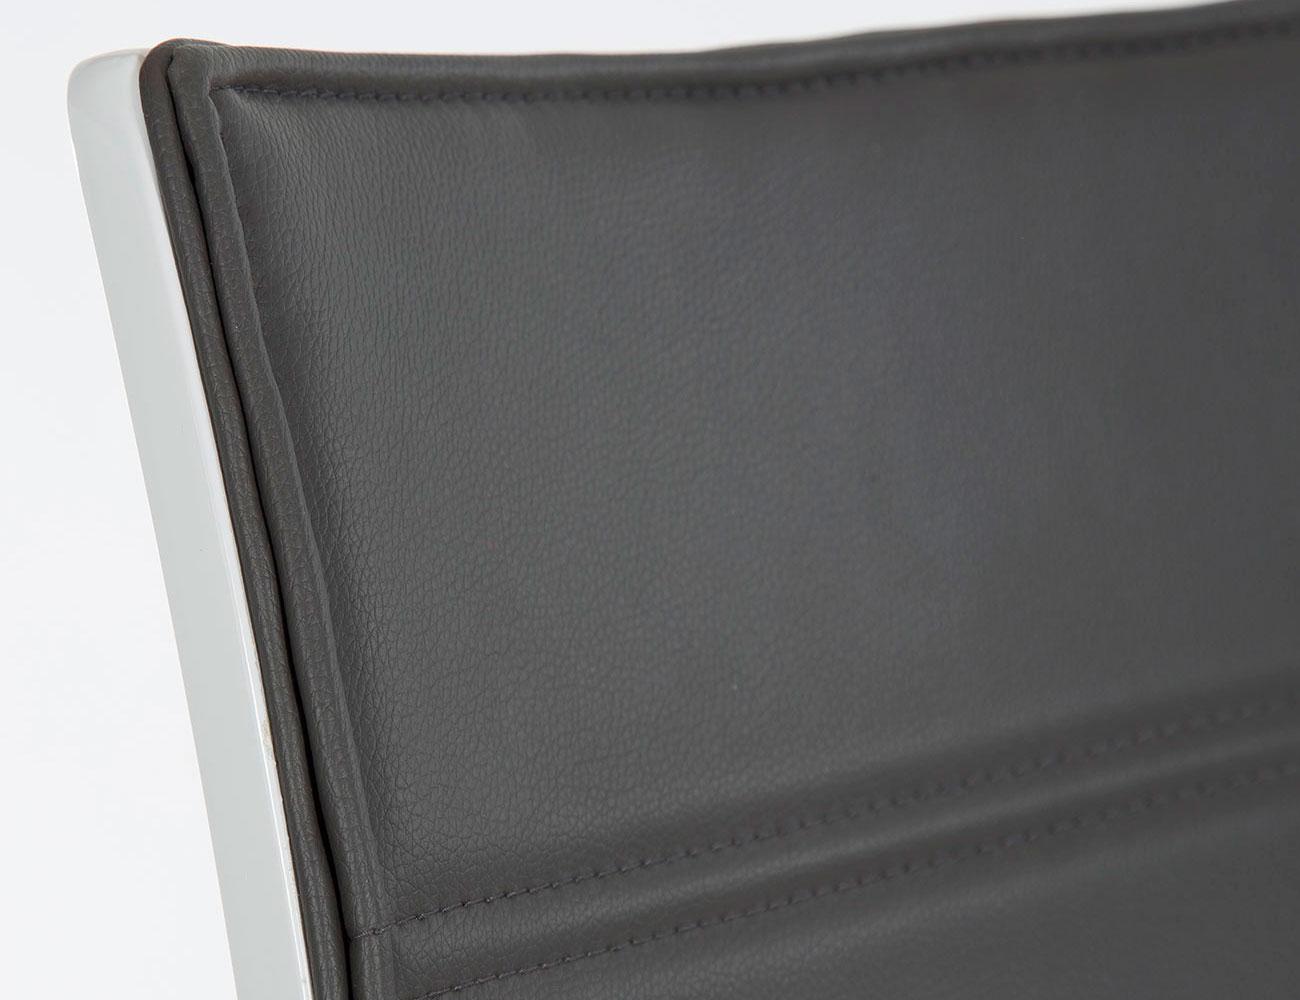 Silla polipiel rebote blanco brillo gris 2